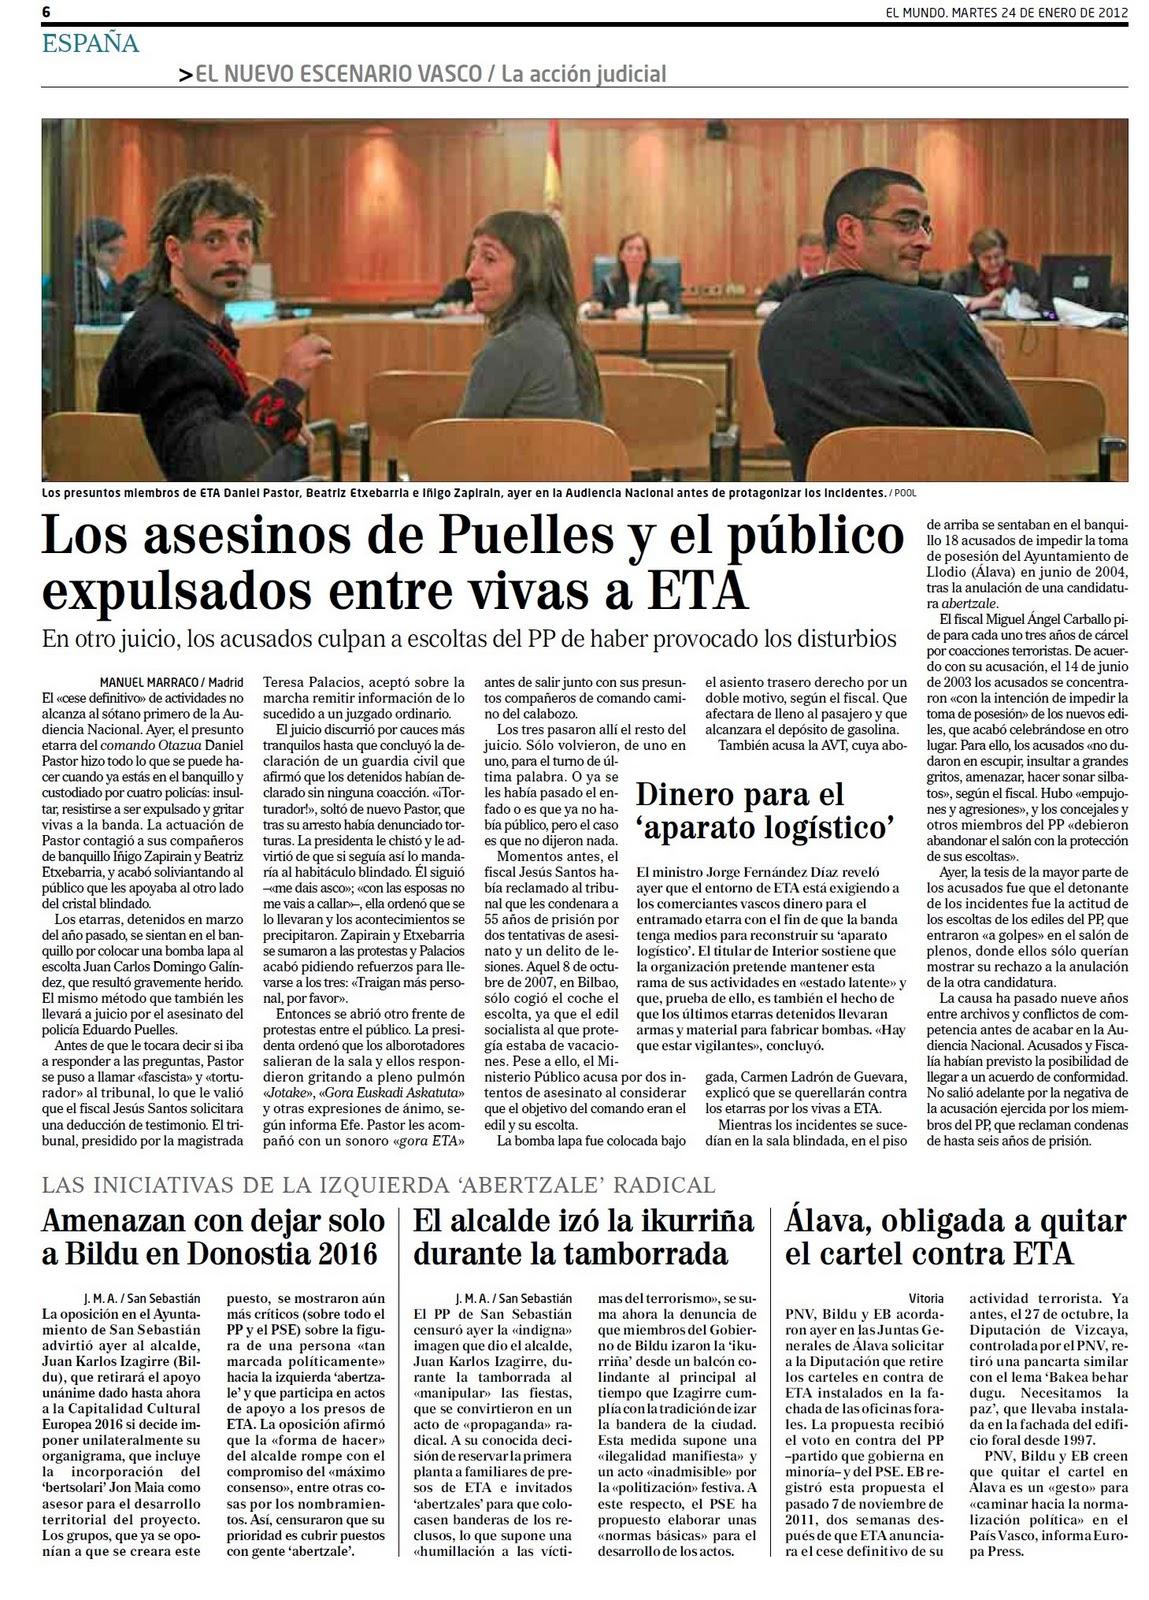 Rajoy, debes cortar YA todas las subvenciones